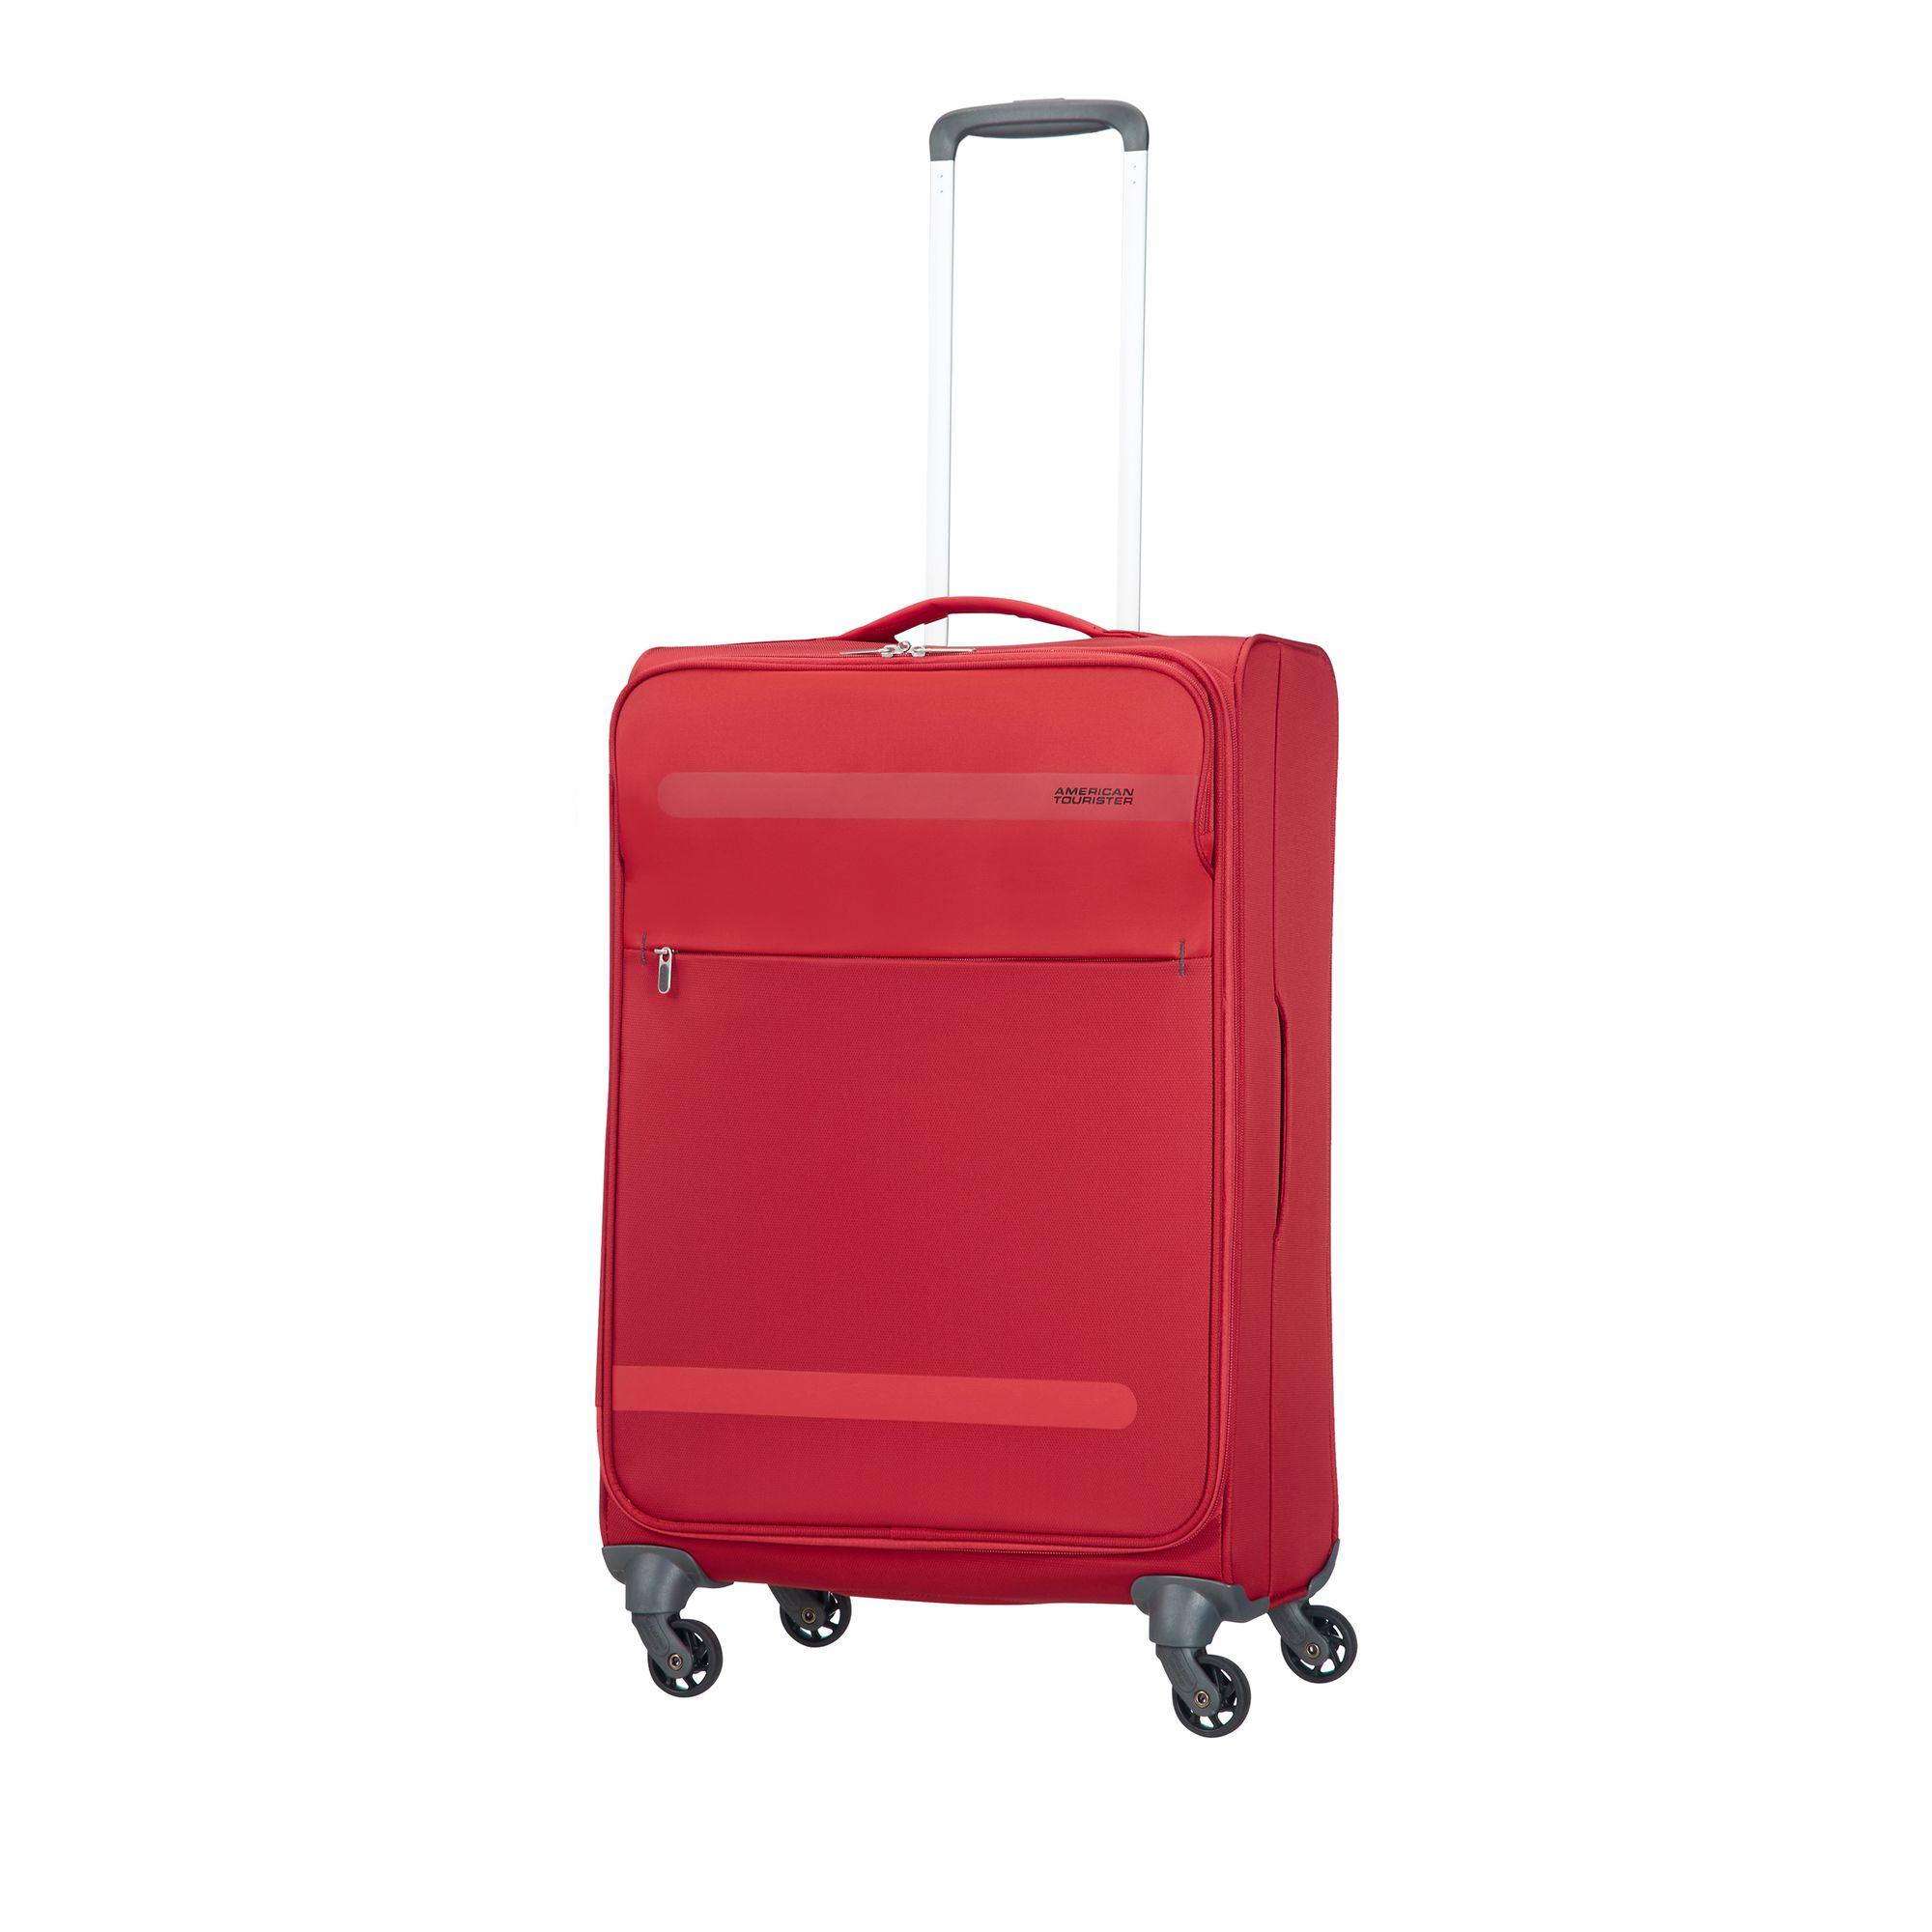 Bilde av American Tourister Herolite Myk Koffert, 4 Hjul, 67 Cm, Rød